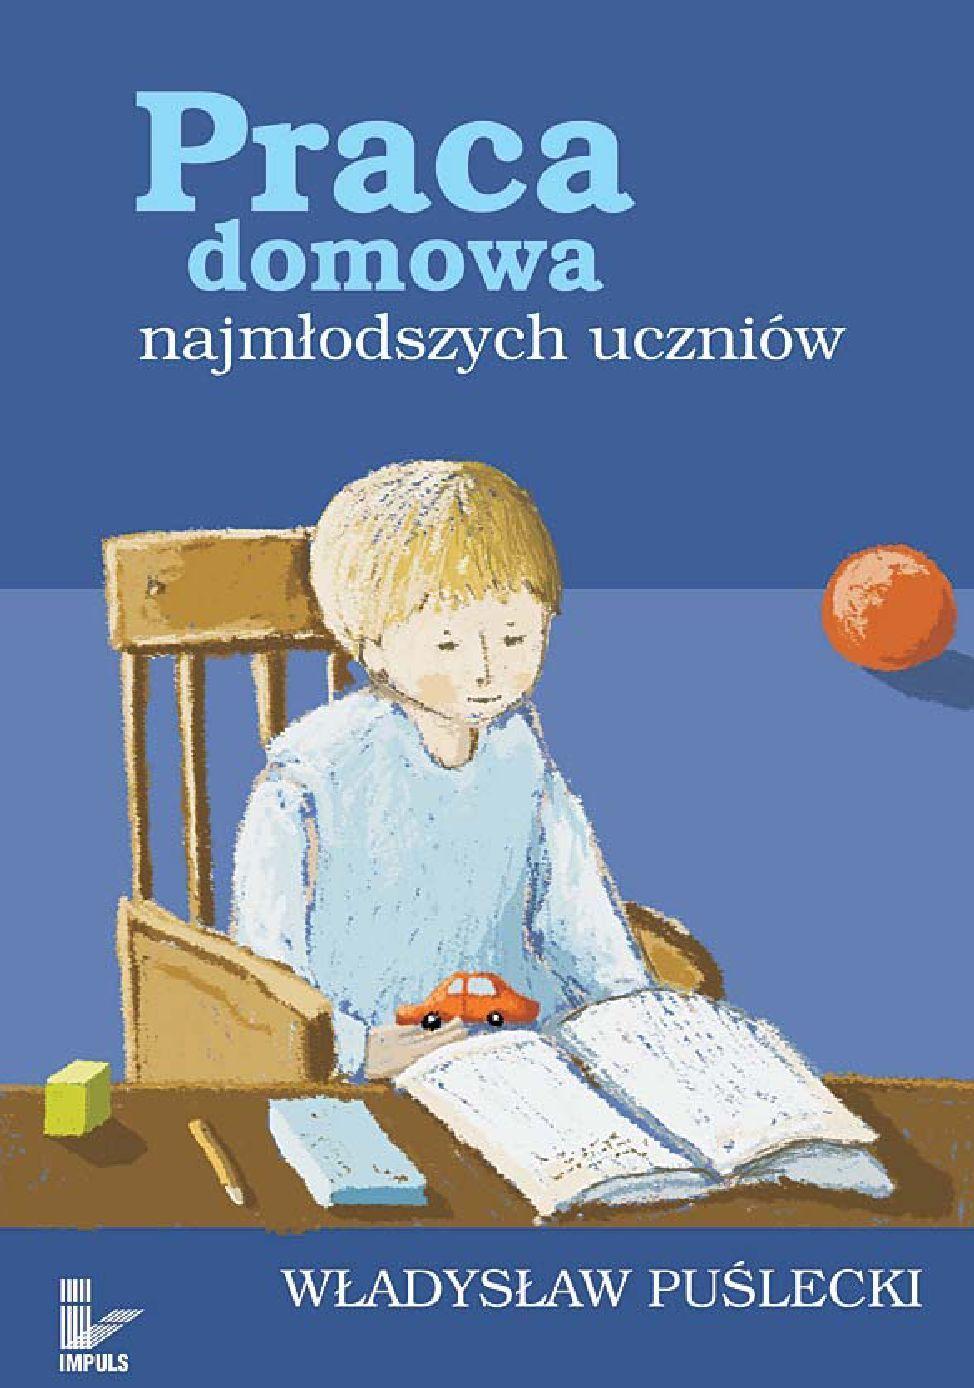 Praca domowa najmłodszych uczniów - Ebook (Książka na Kindle) do pobrania w formacie MOBI